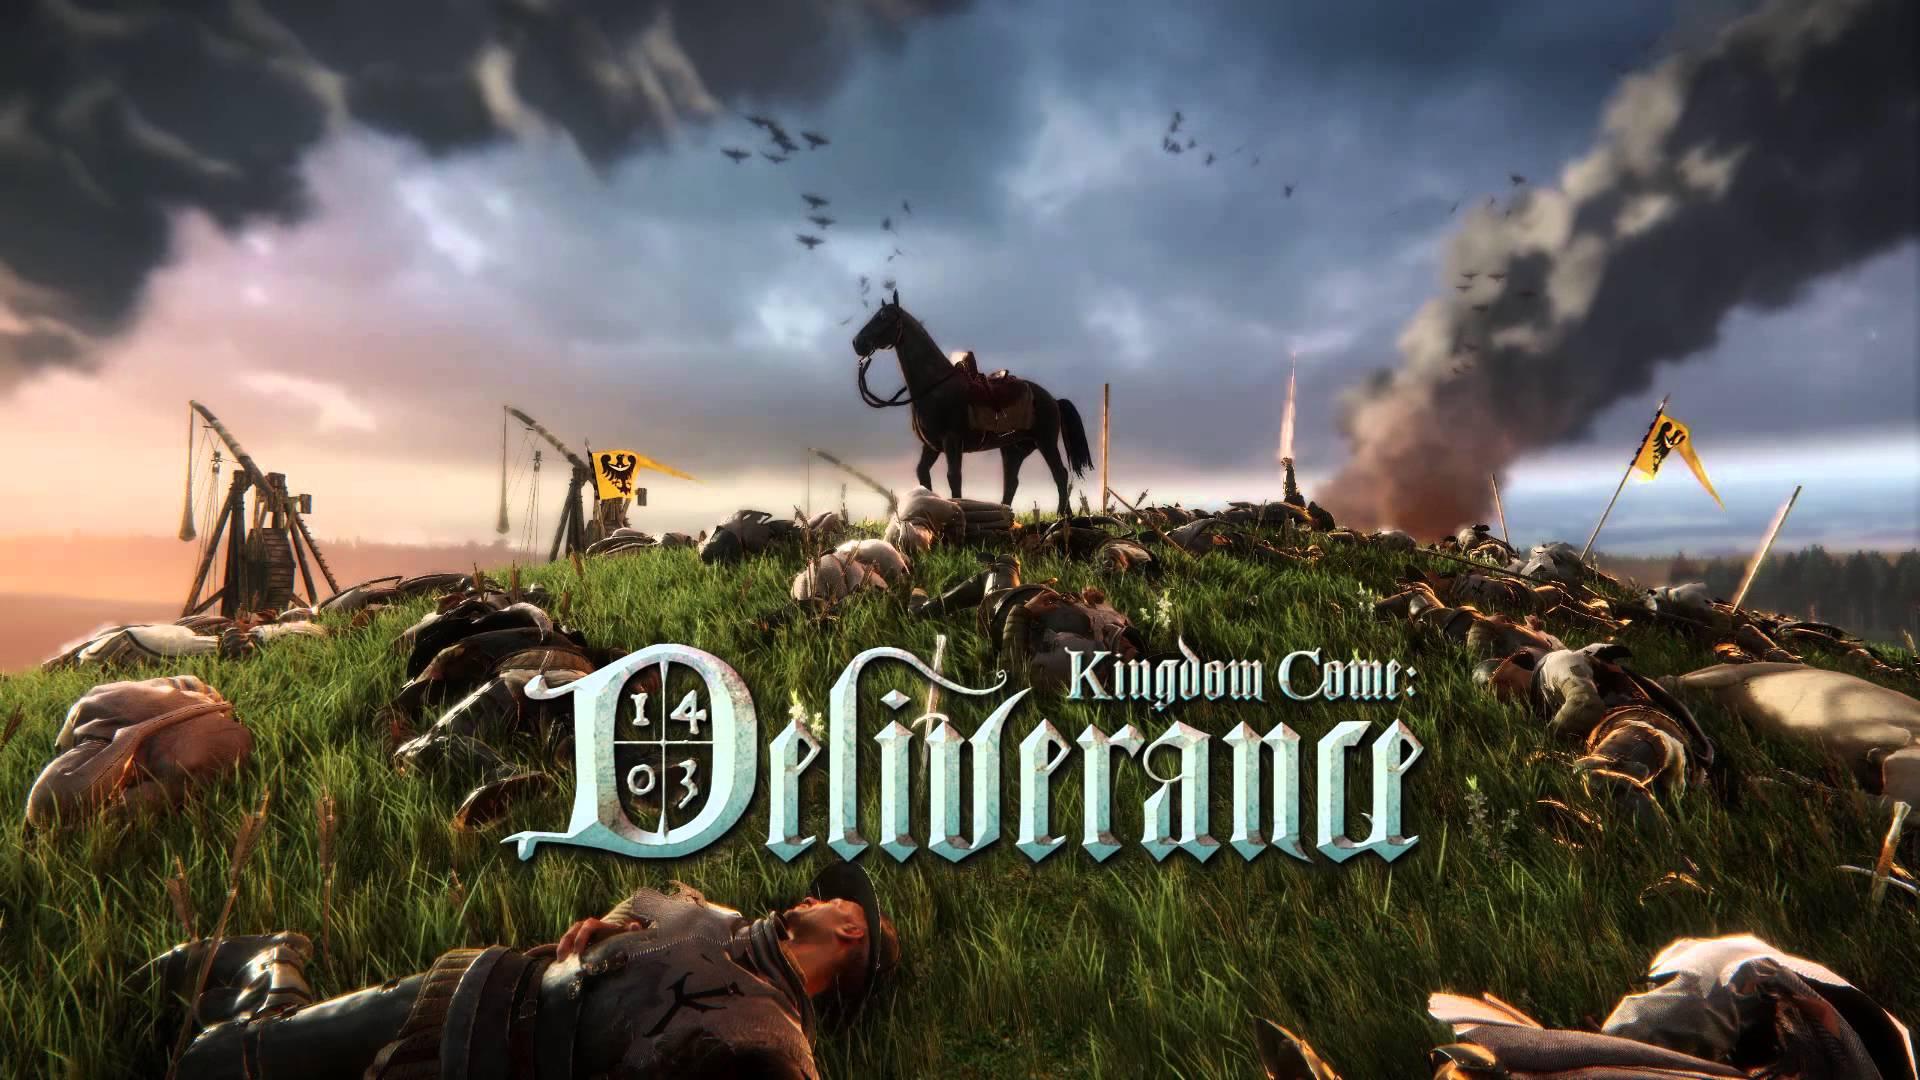 Requisitos de Kingdom Come: Deliverance